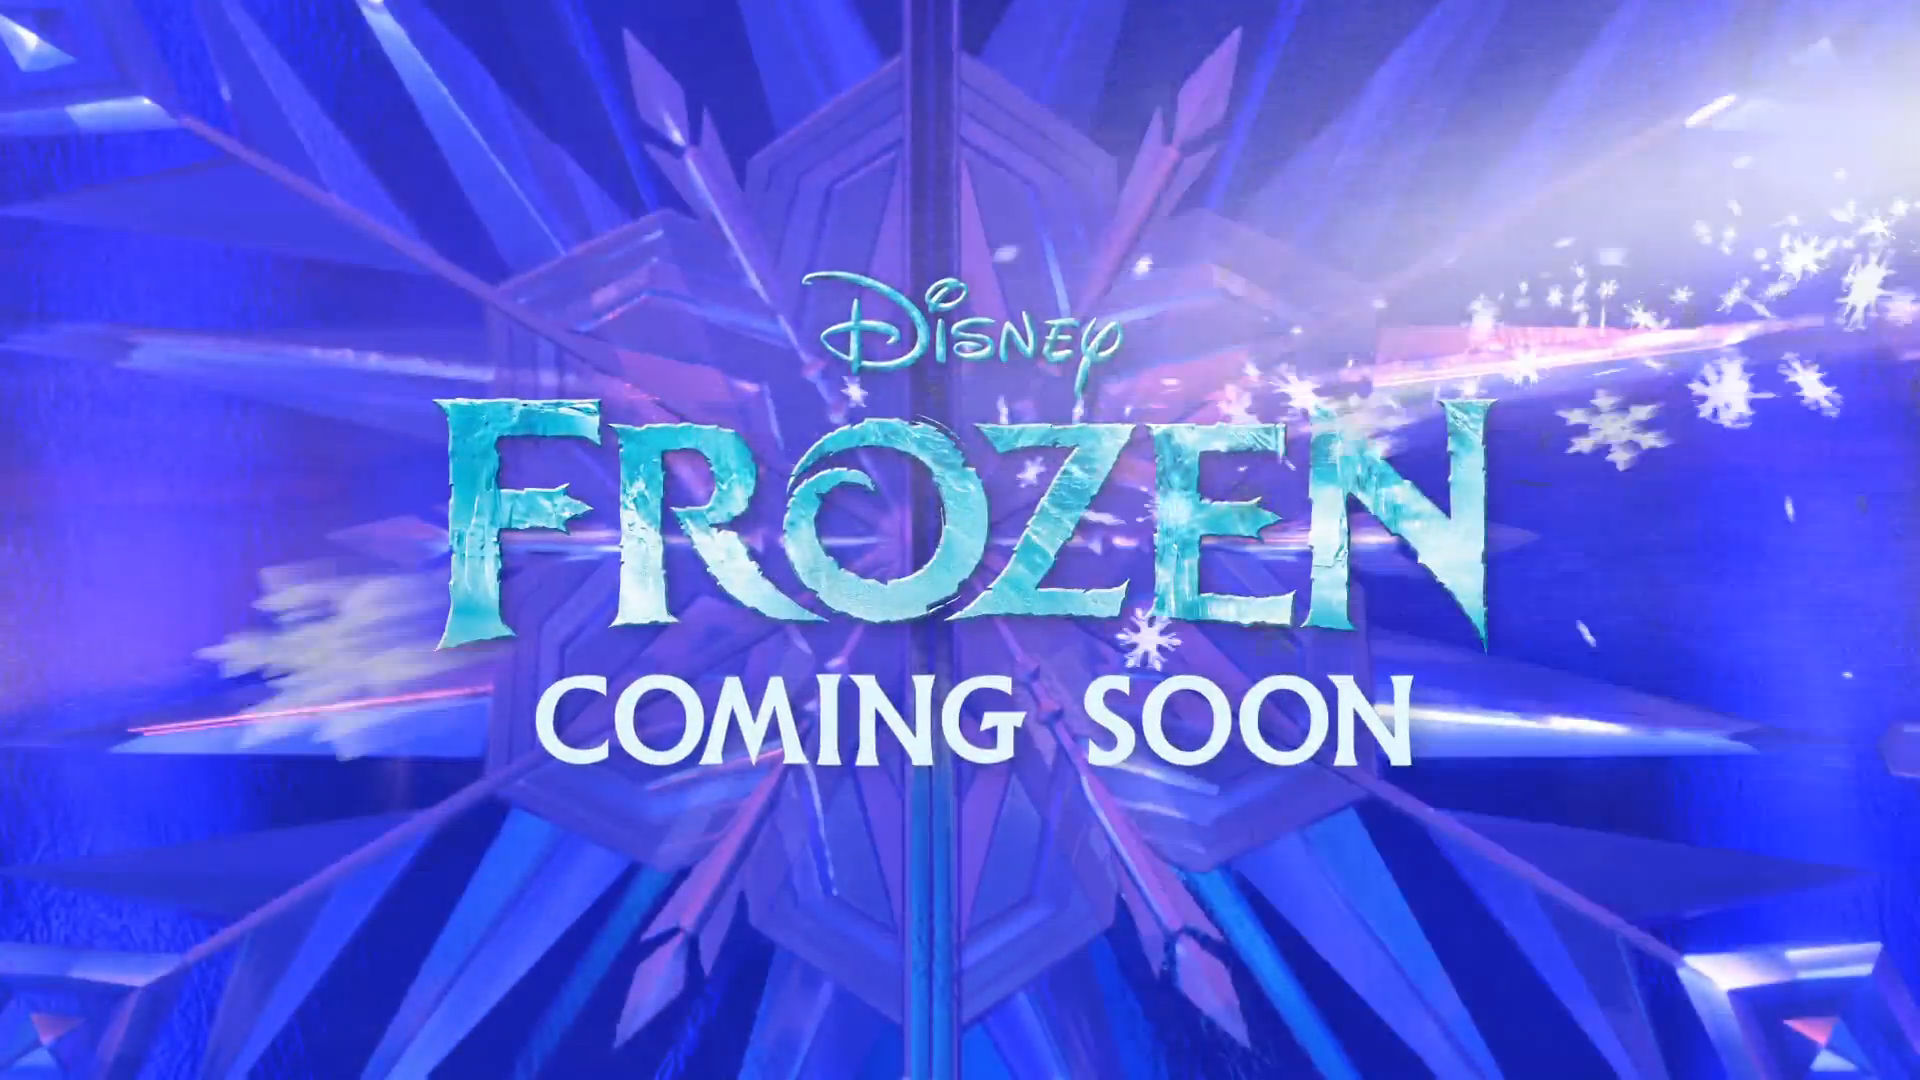 Disney's Frozen premieres on Disney Channel